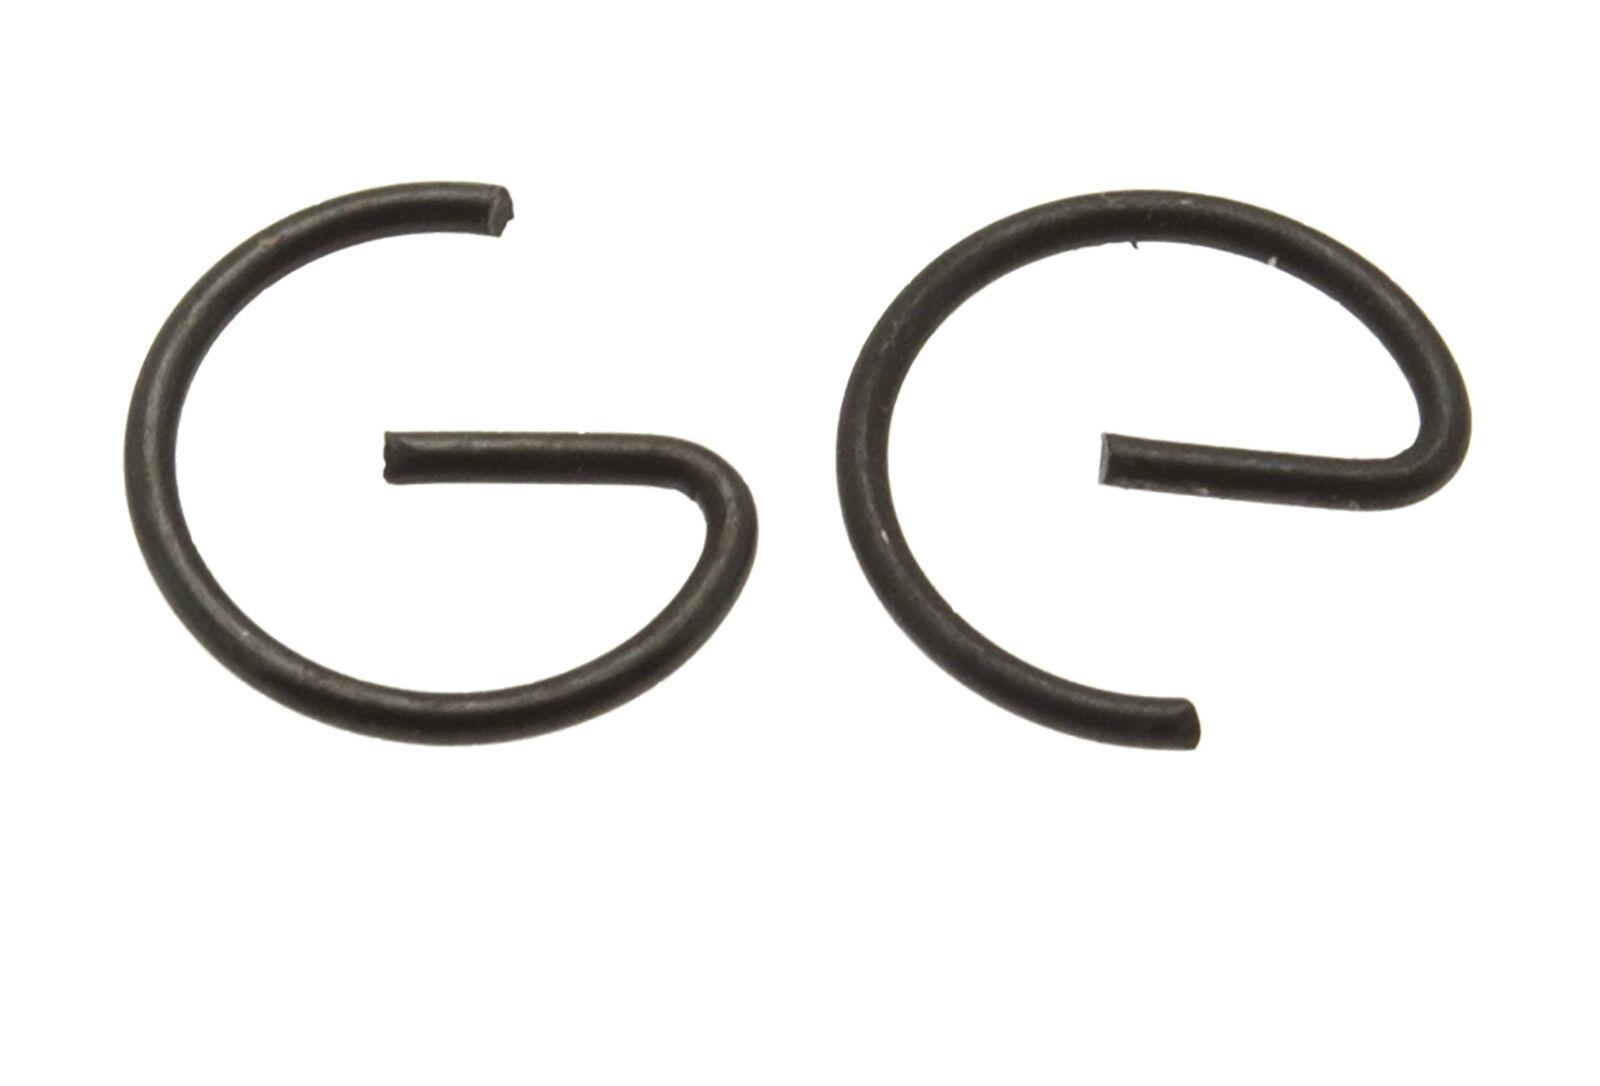 Pair Of Piston Pin Circlips Fits STIHL TS400 TS410 TS420